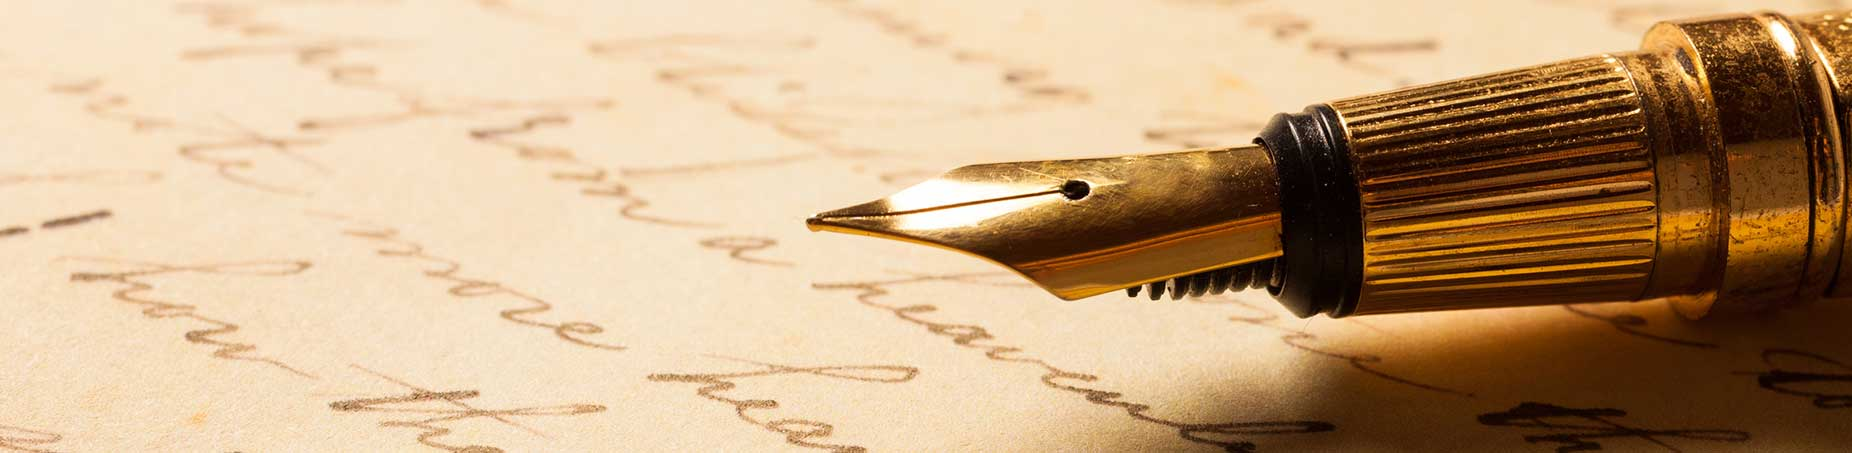 Pen2000x450_slider